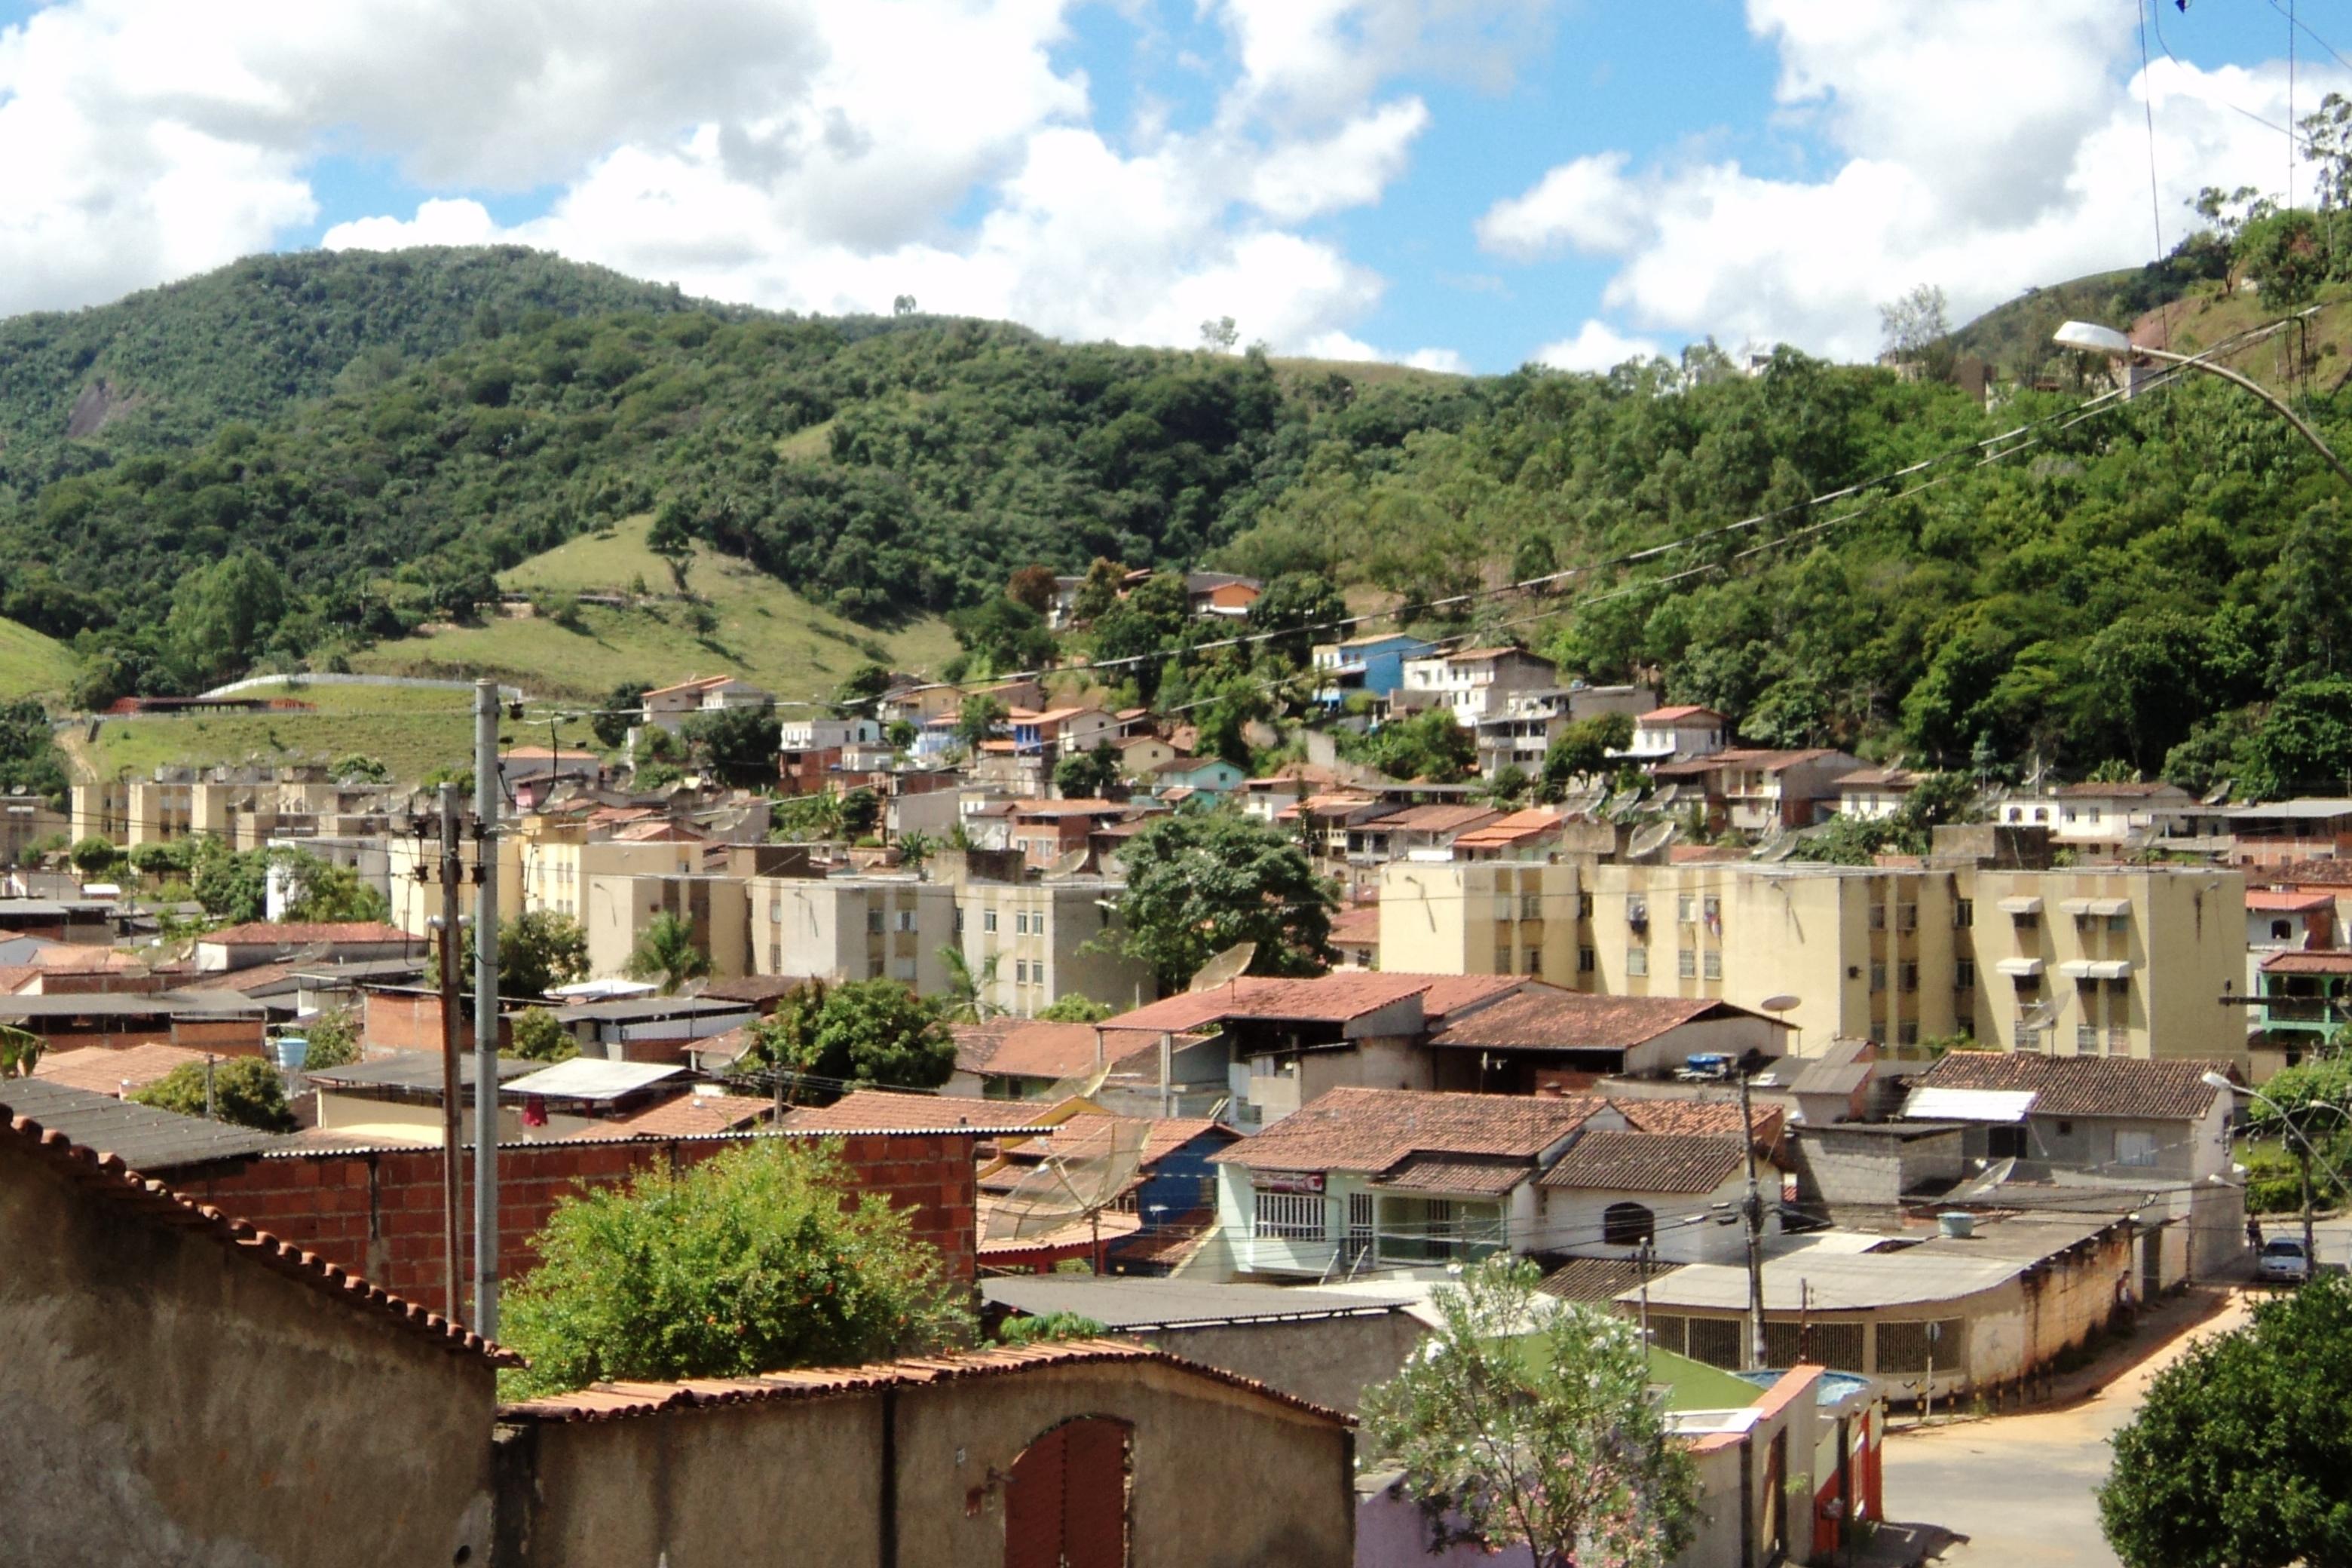 Coronel Fabriciano Minas Gerais fonte: upload.wikimedia.org